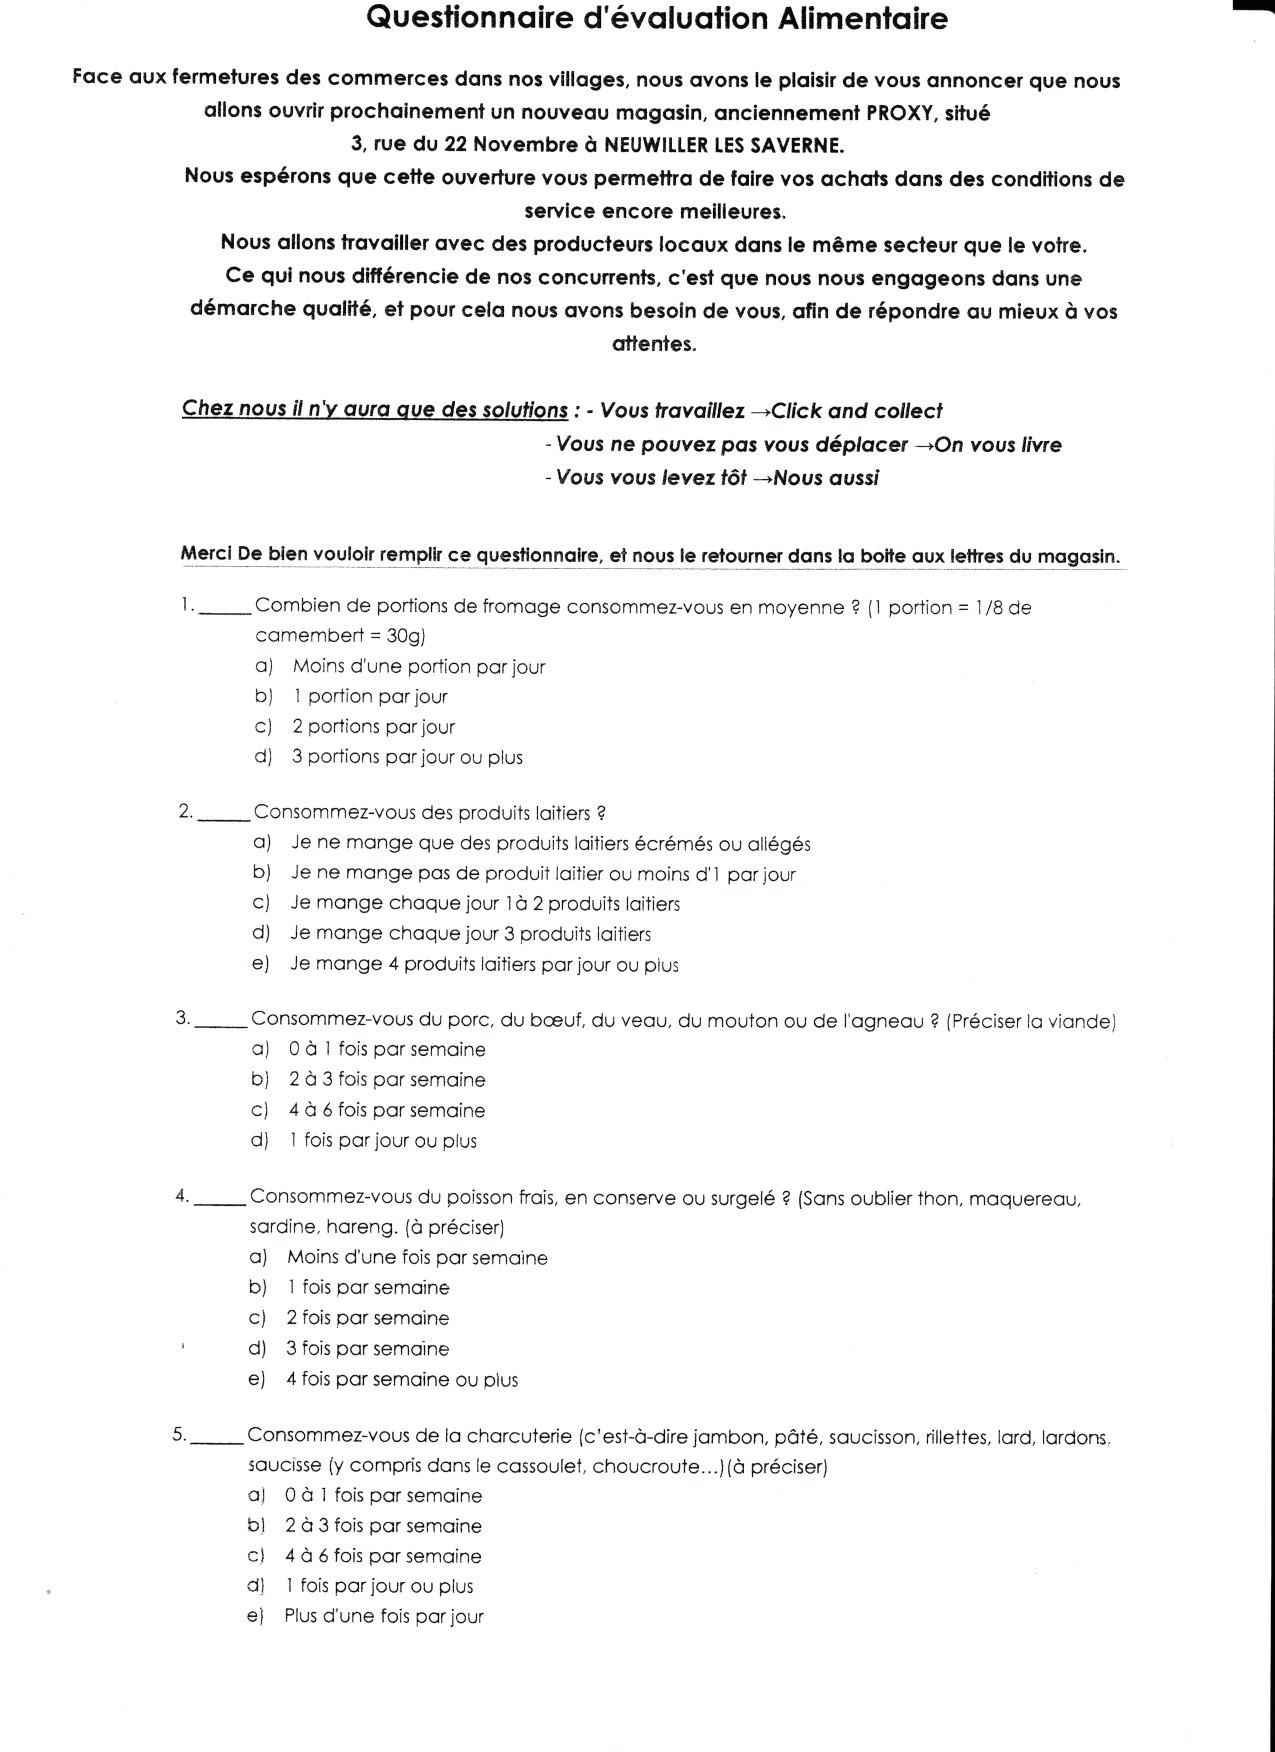 Questionnaire p1